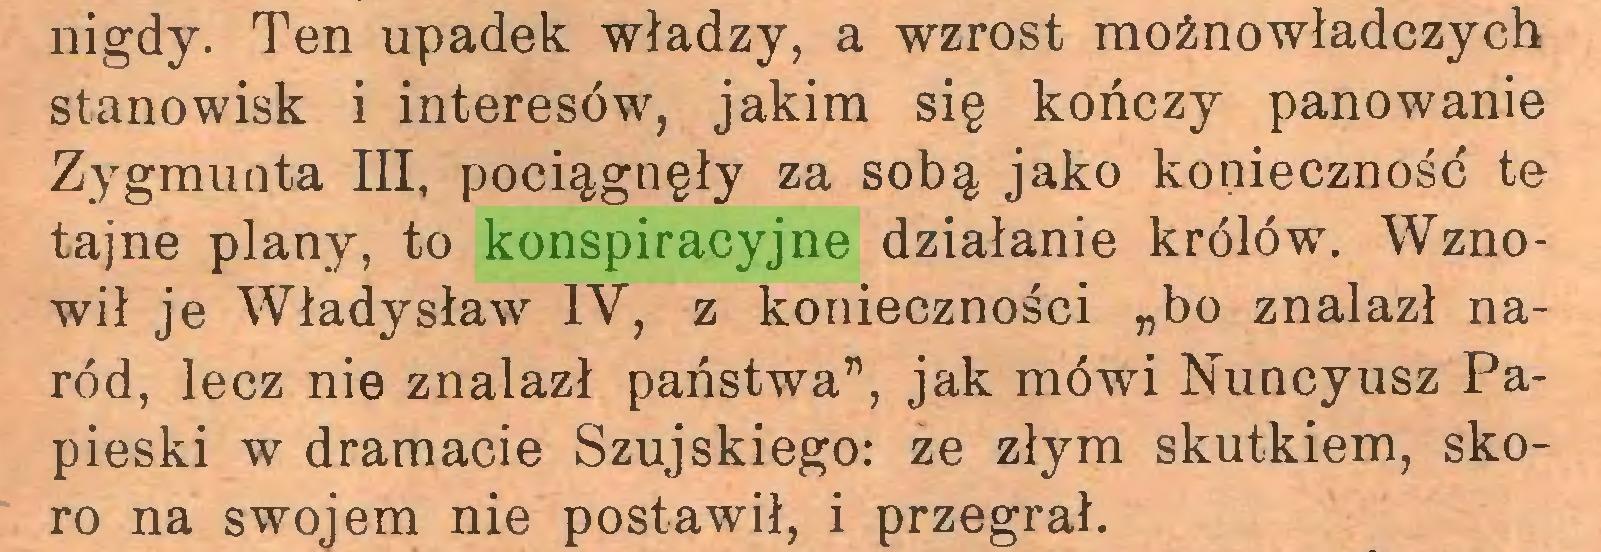 """(...) nigdy. Ten upadek władzy, a wzrost moźnowładczych stanowisk i interesów, jakim się kończy panowanie Zygmunta III, pociągnęły za sobą jako konieczność te tajne plany, to konspiracyjne działanie królów. Wznowił je Władysław IV, z konieczności """"bo znalazł naród, lecz nie znalazł państwa"""", jak mówi Nuncyusz Papieski w dramacie Szujskiego: ze złym skutkiem, skoro na swojem nie postawił, i przegrał..."""